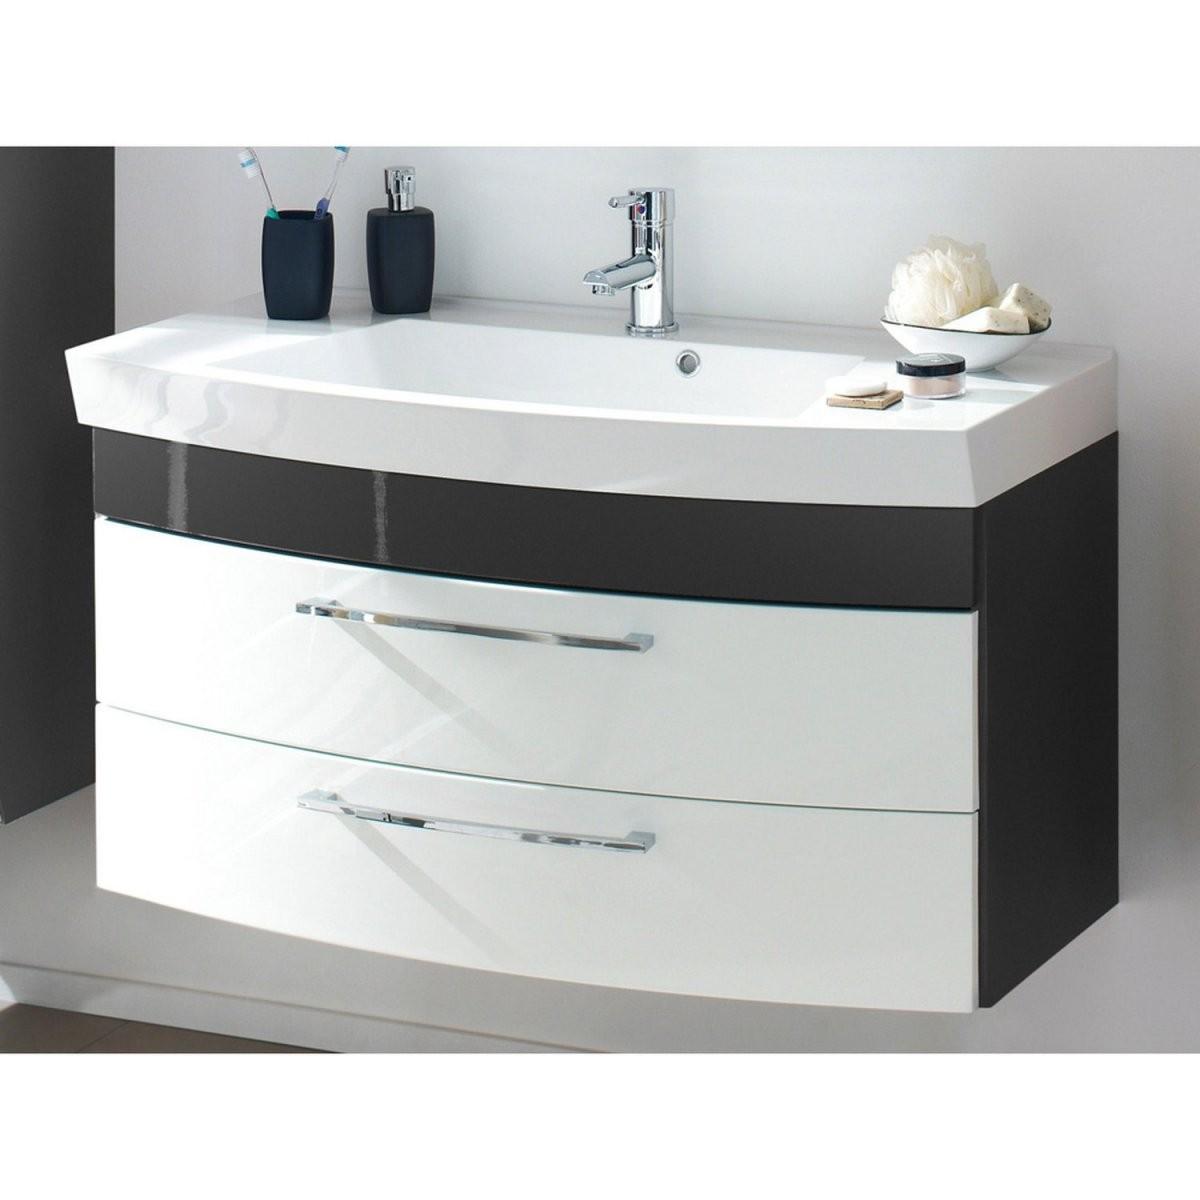 Badezimmer Waschtisch Mit Unterschrank Rimao100 Hochglanz Weiß Anthr von Waschbecken Mit Unterschrank 50 Cm Bild